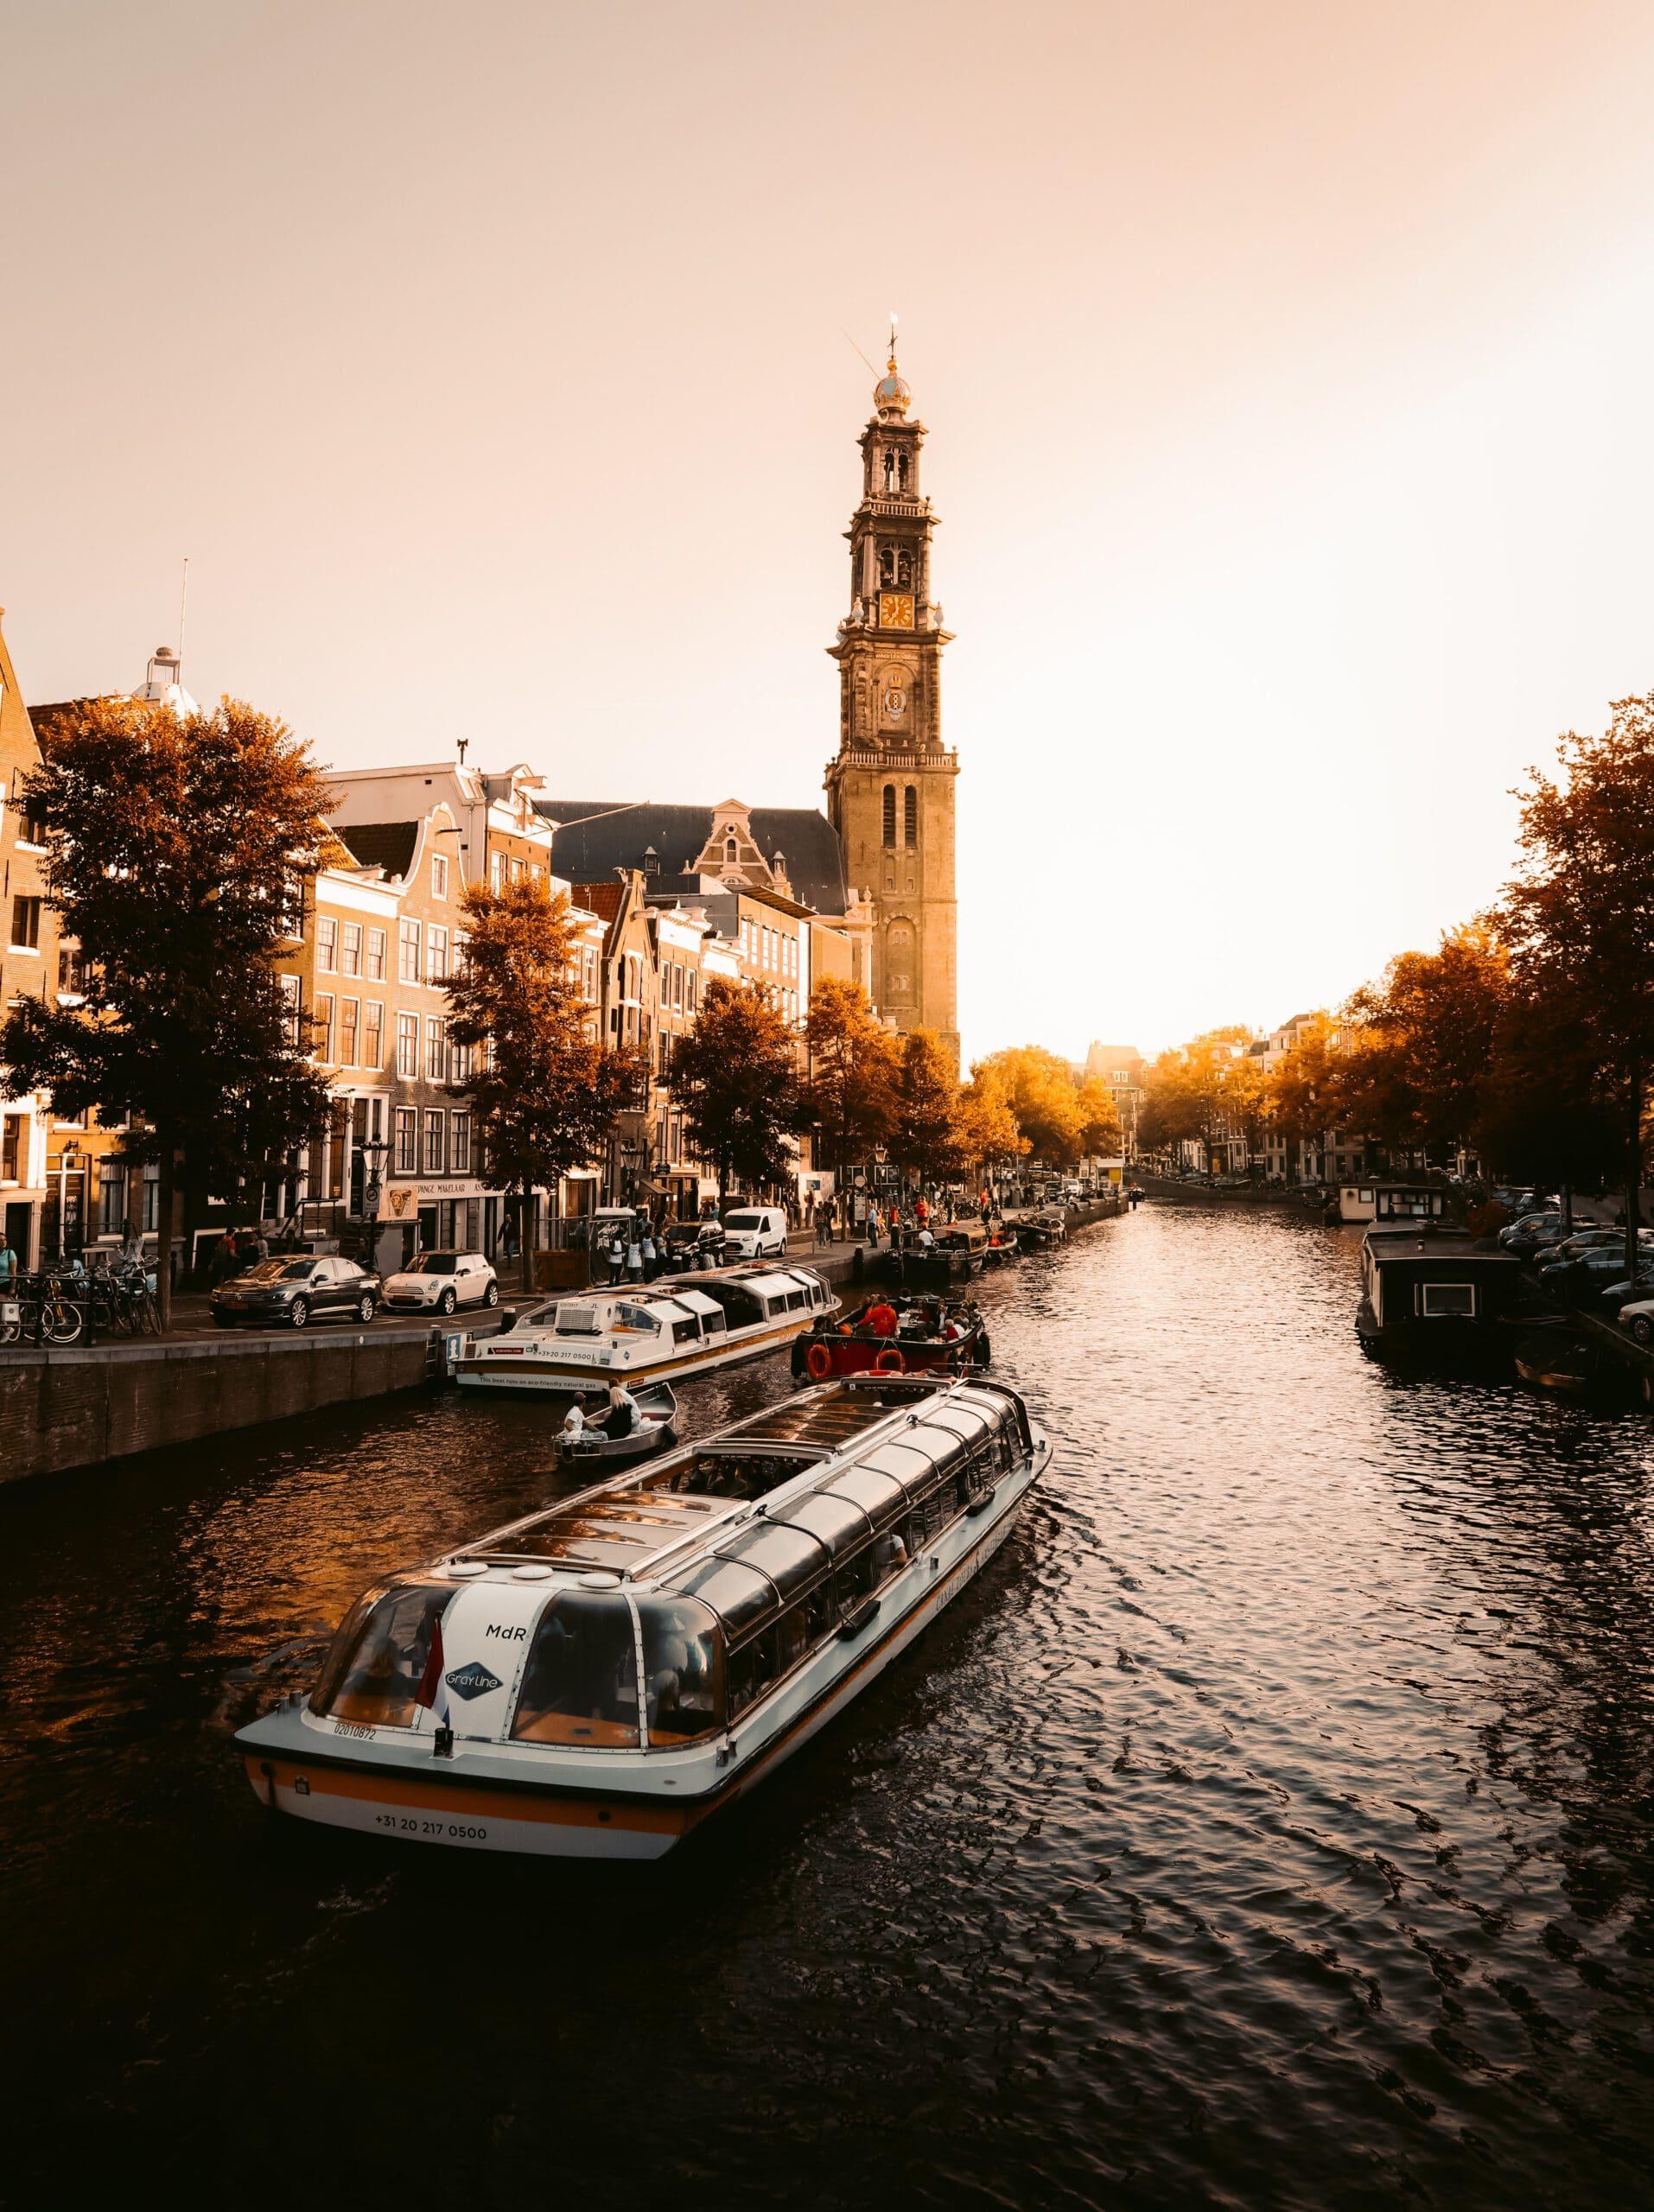 Nederland-Amsterdam-Cruise-Haven-stad-gracht